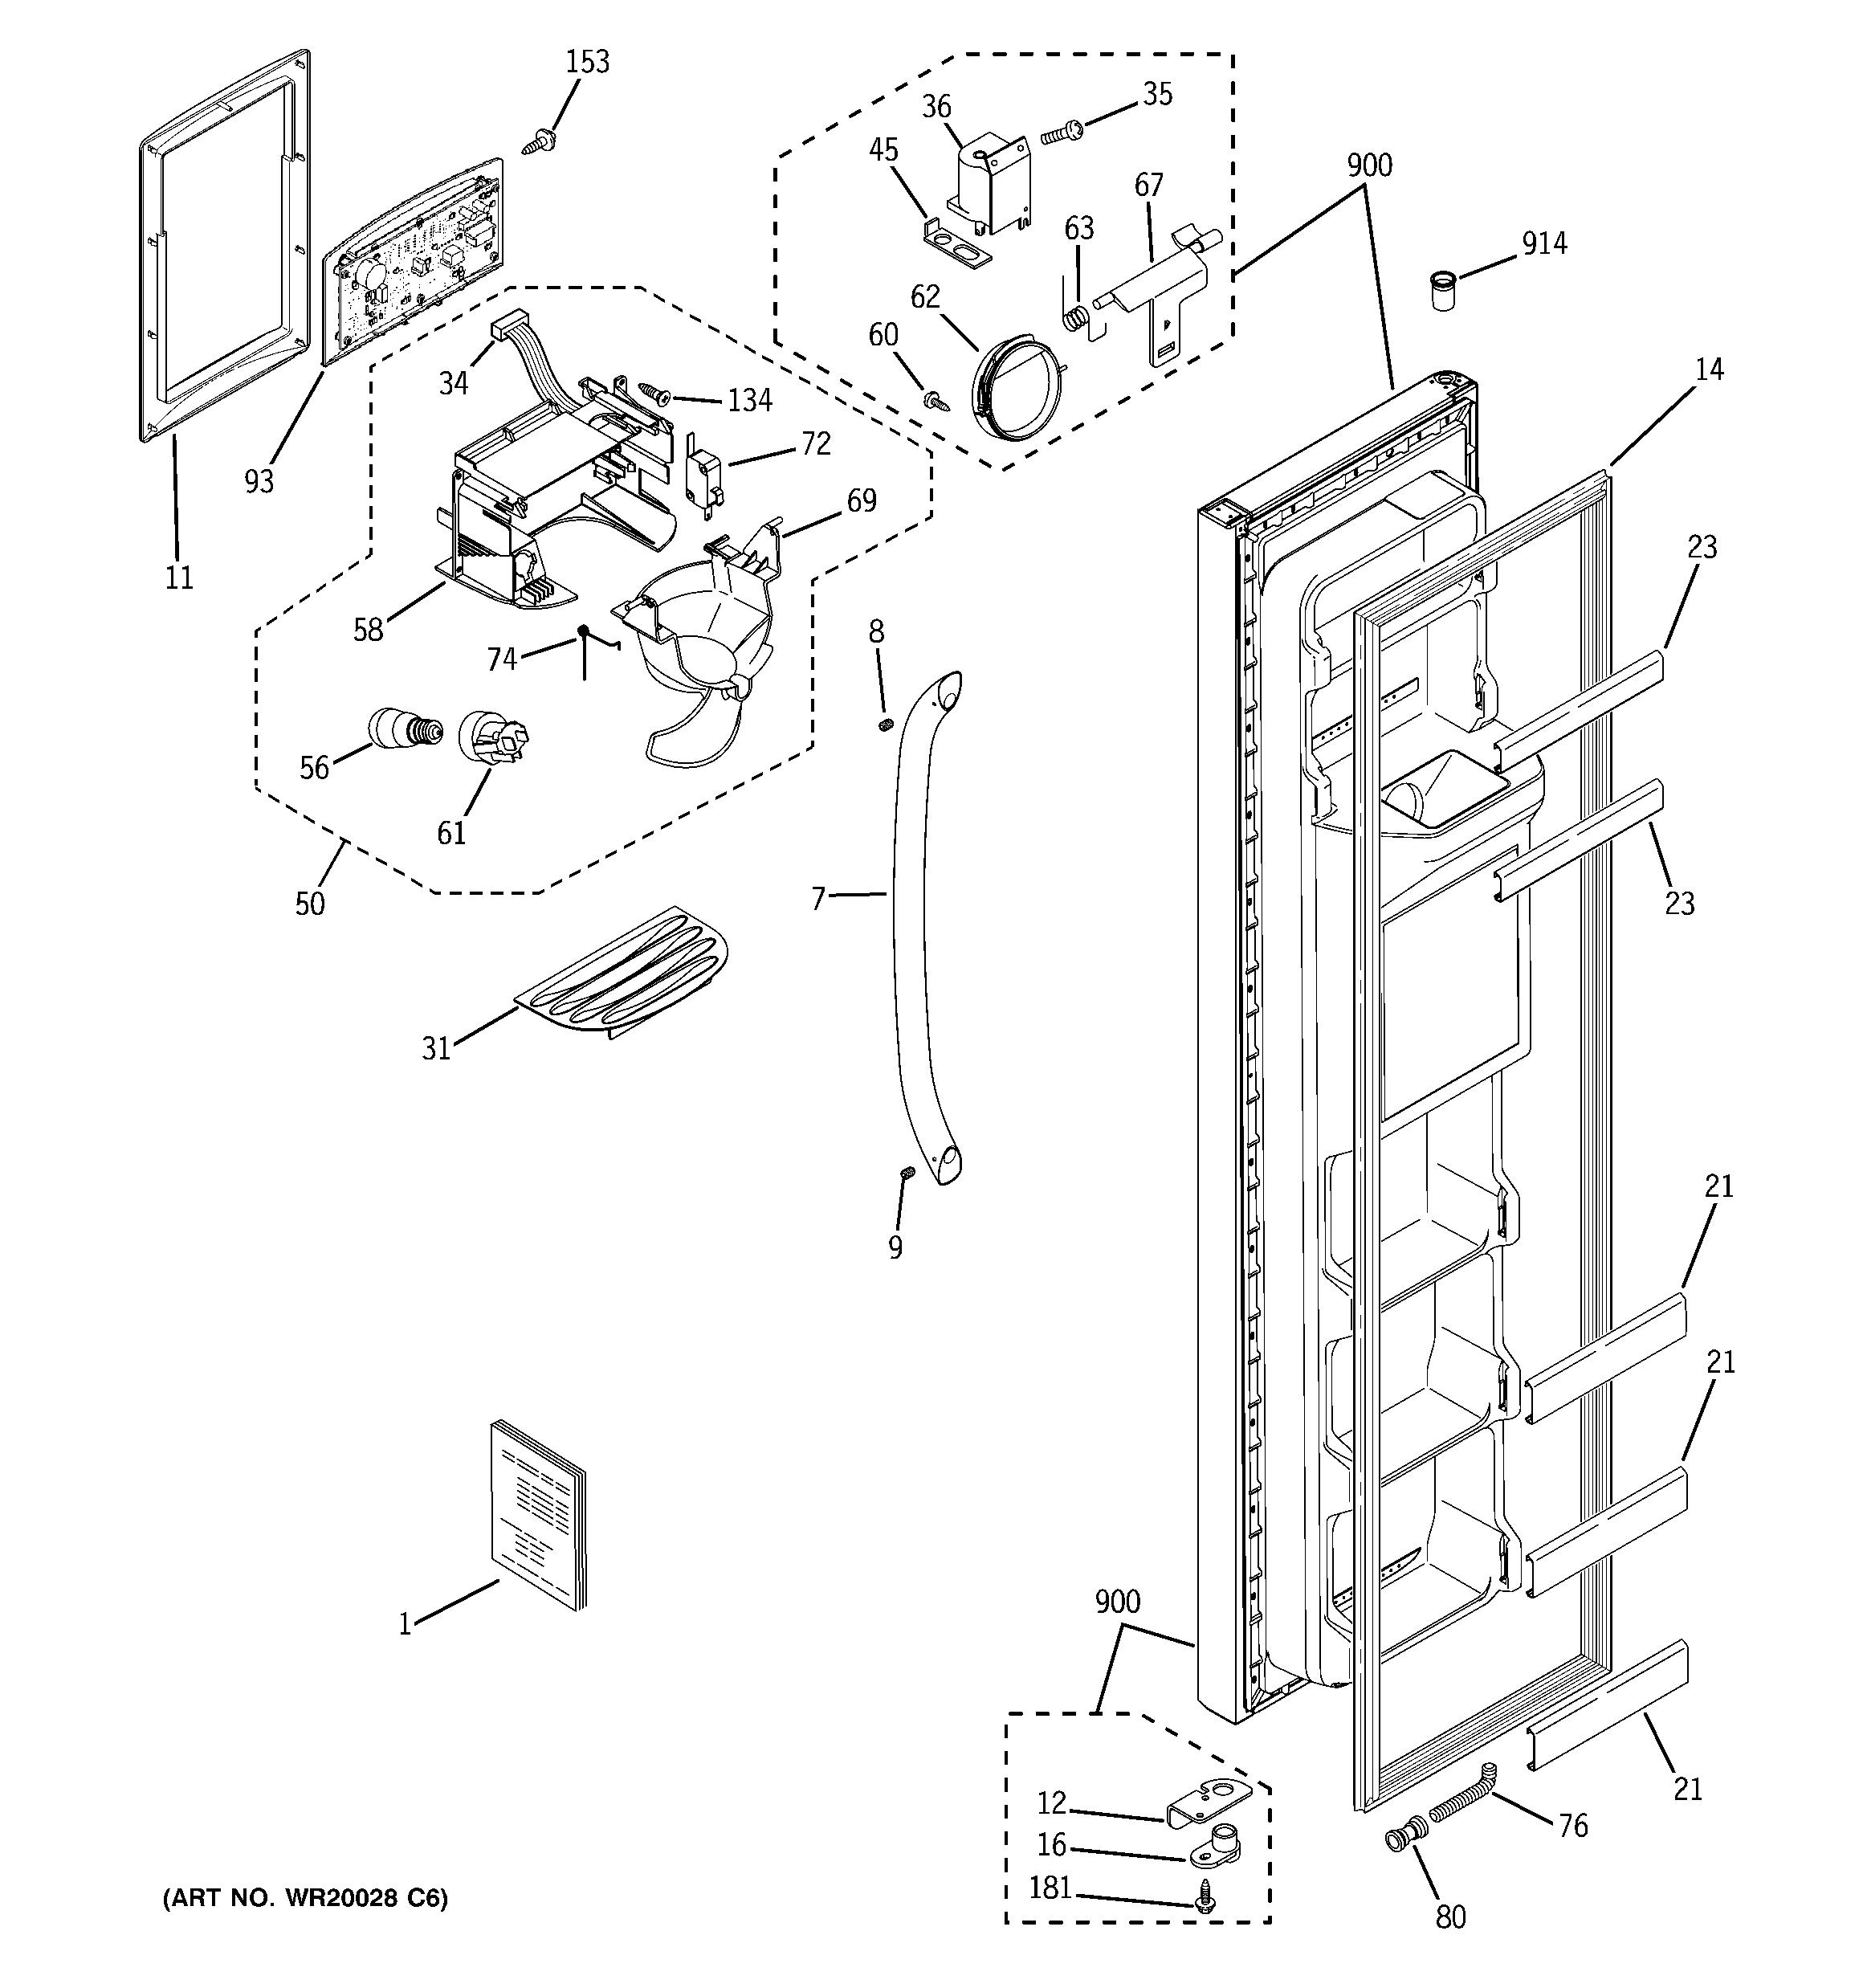 Hotpoint Ctx21dabrrww Wiring Diagrams Schematics Diagram Refrigerator Schematic Ge Model Gsh25iszbss Side By Genuine Parts